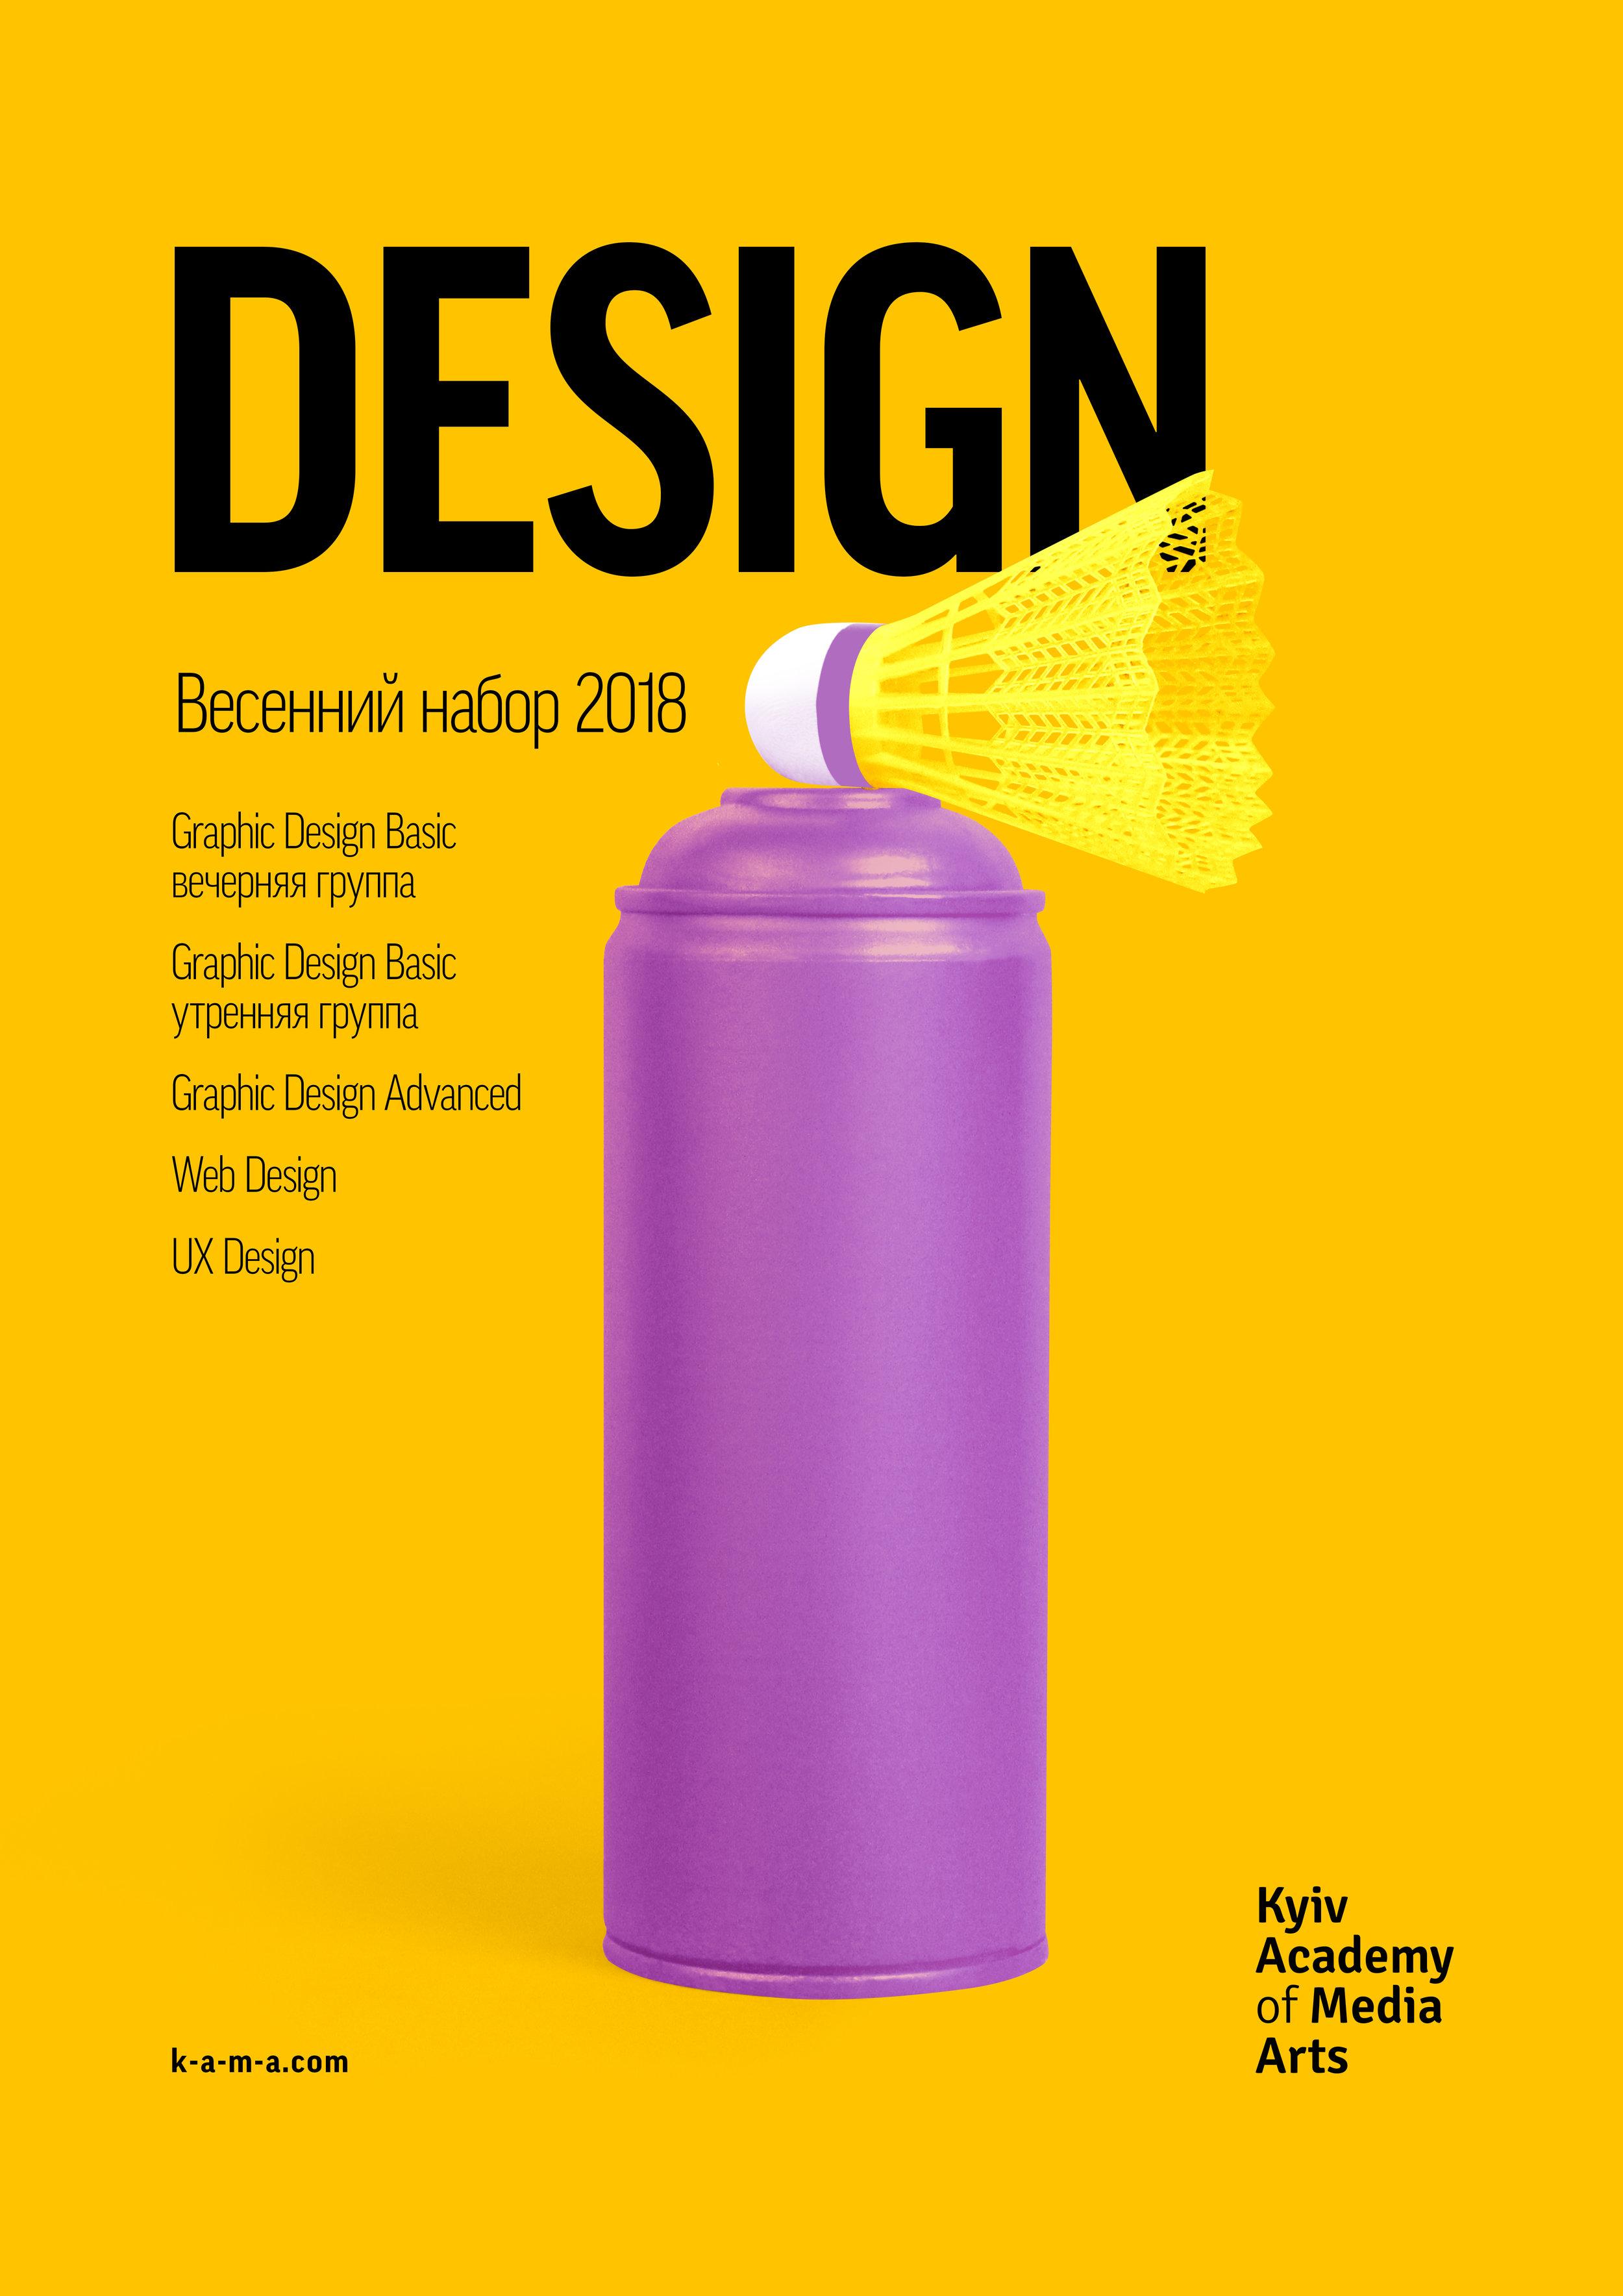 design_all.jpg